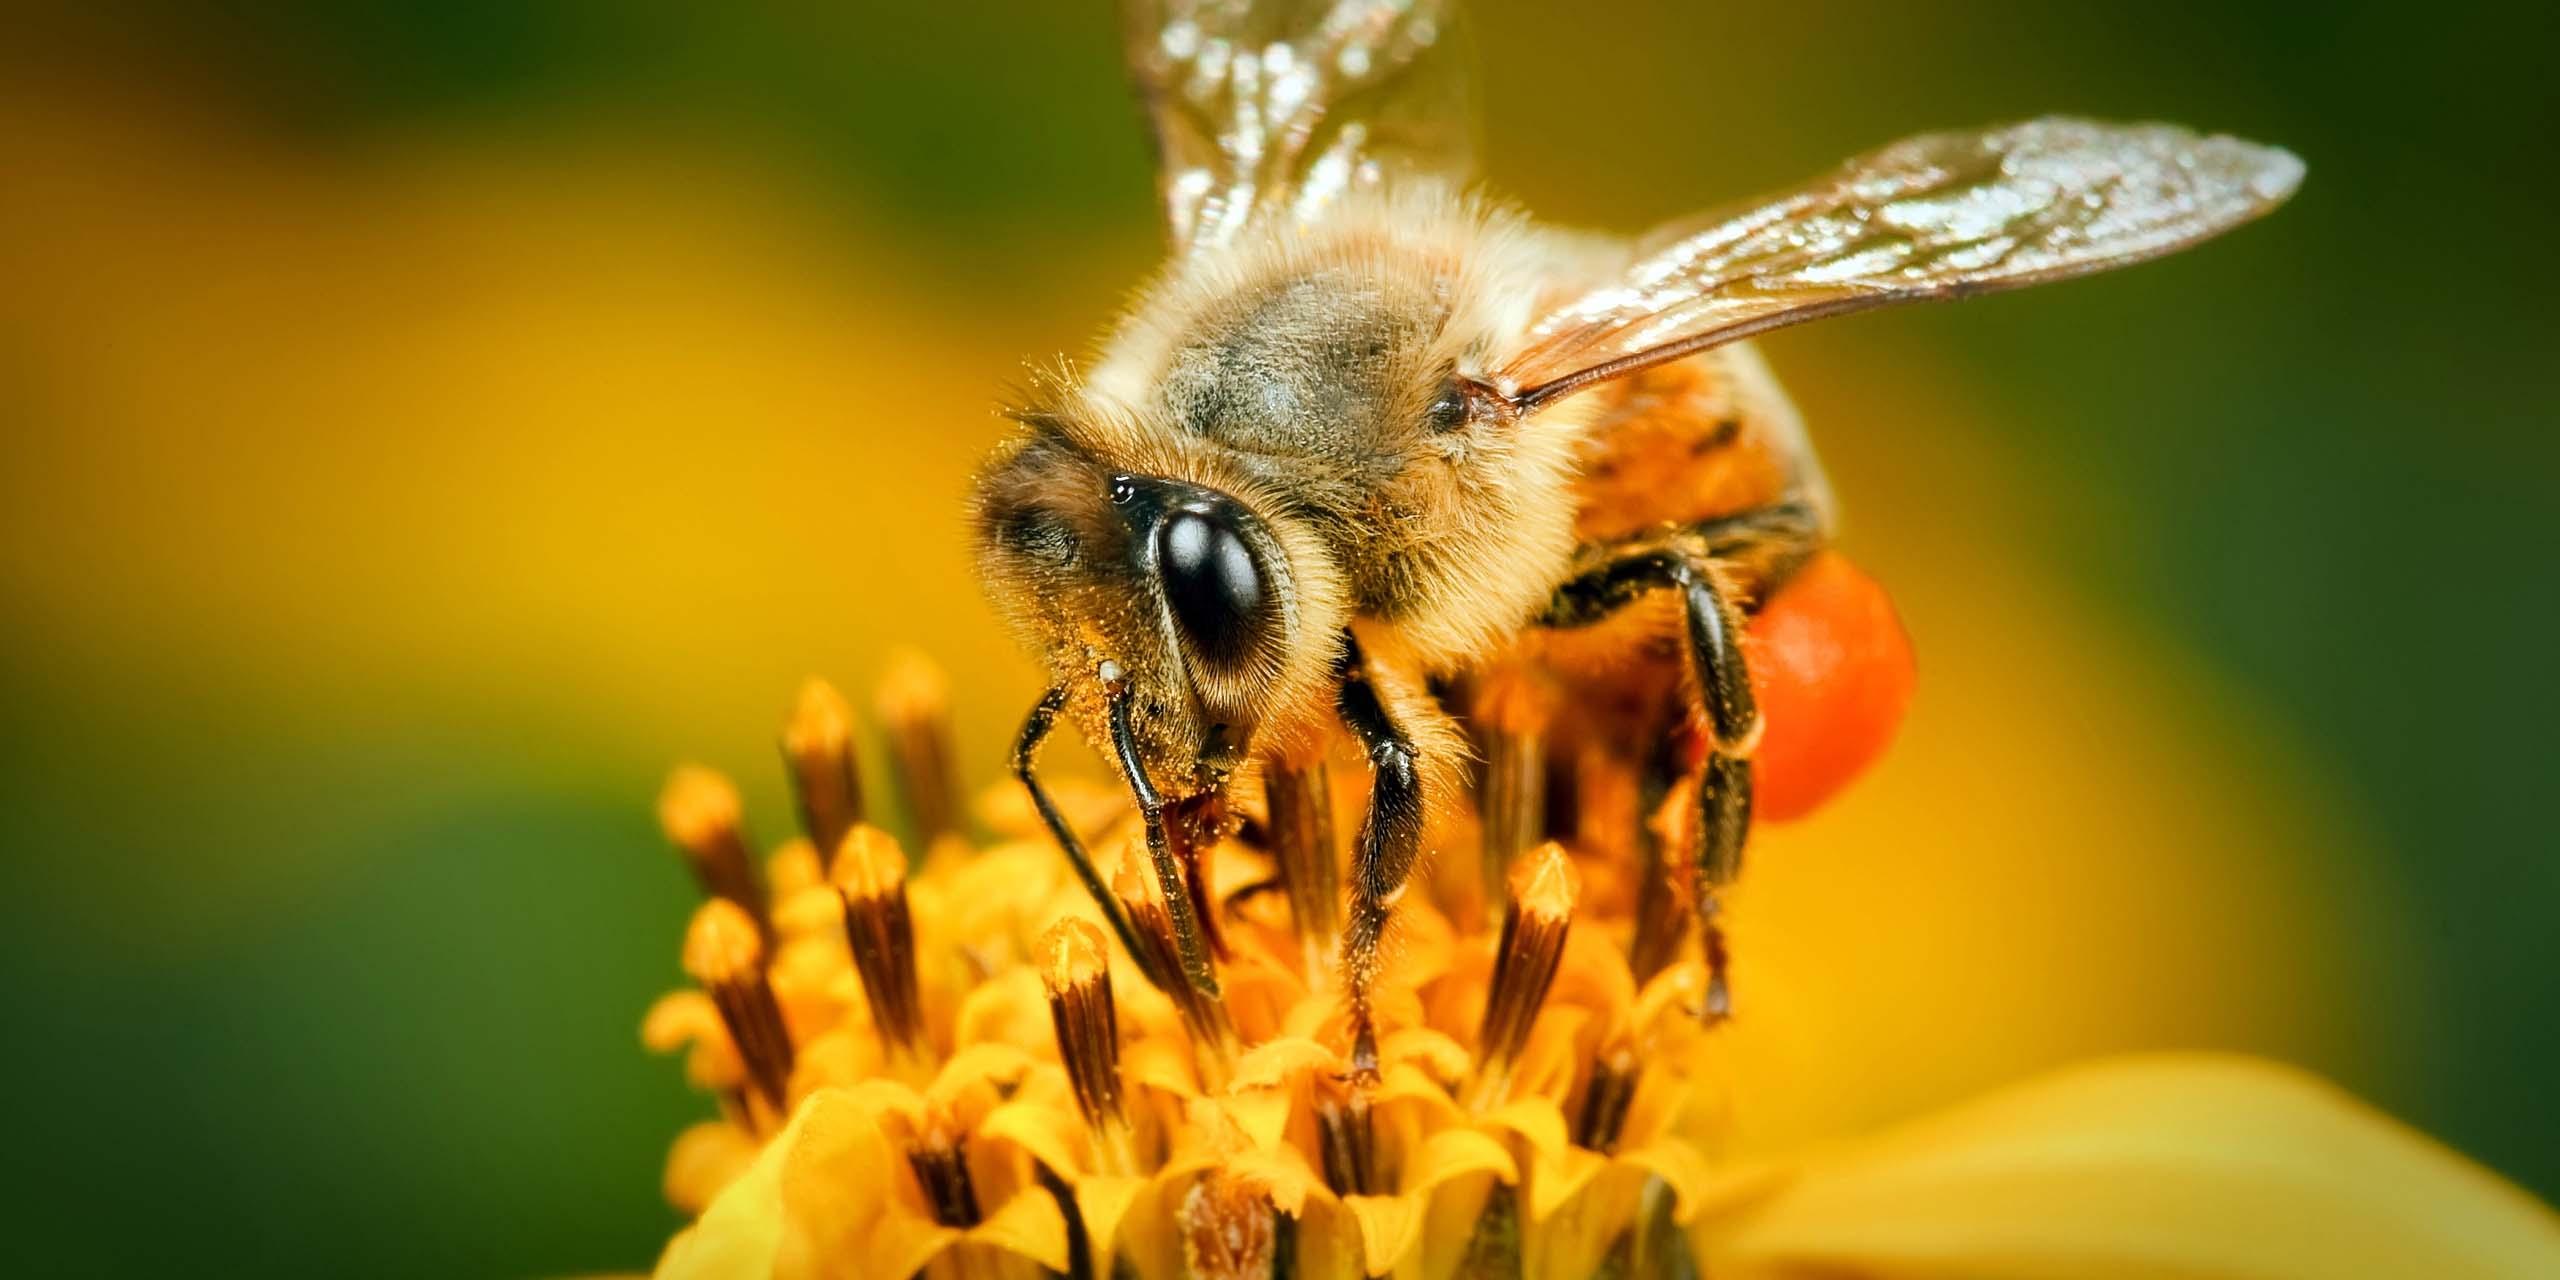 """Isabel Tagle, apicultora: """"Son un elemento vital para la sociedad y el mundo. Sin abejas, no hay alimentación"""""""